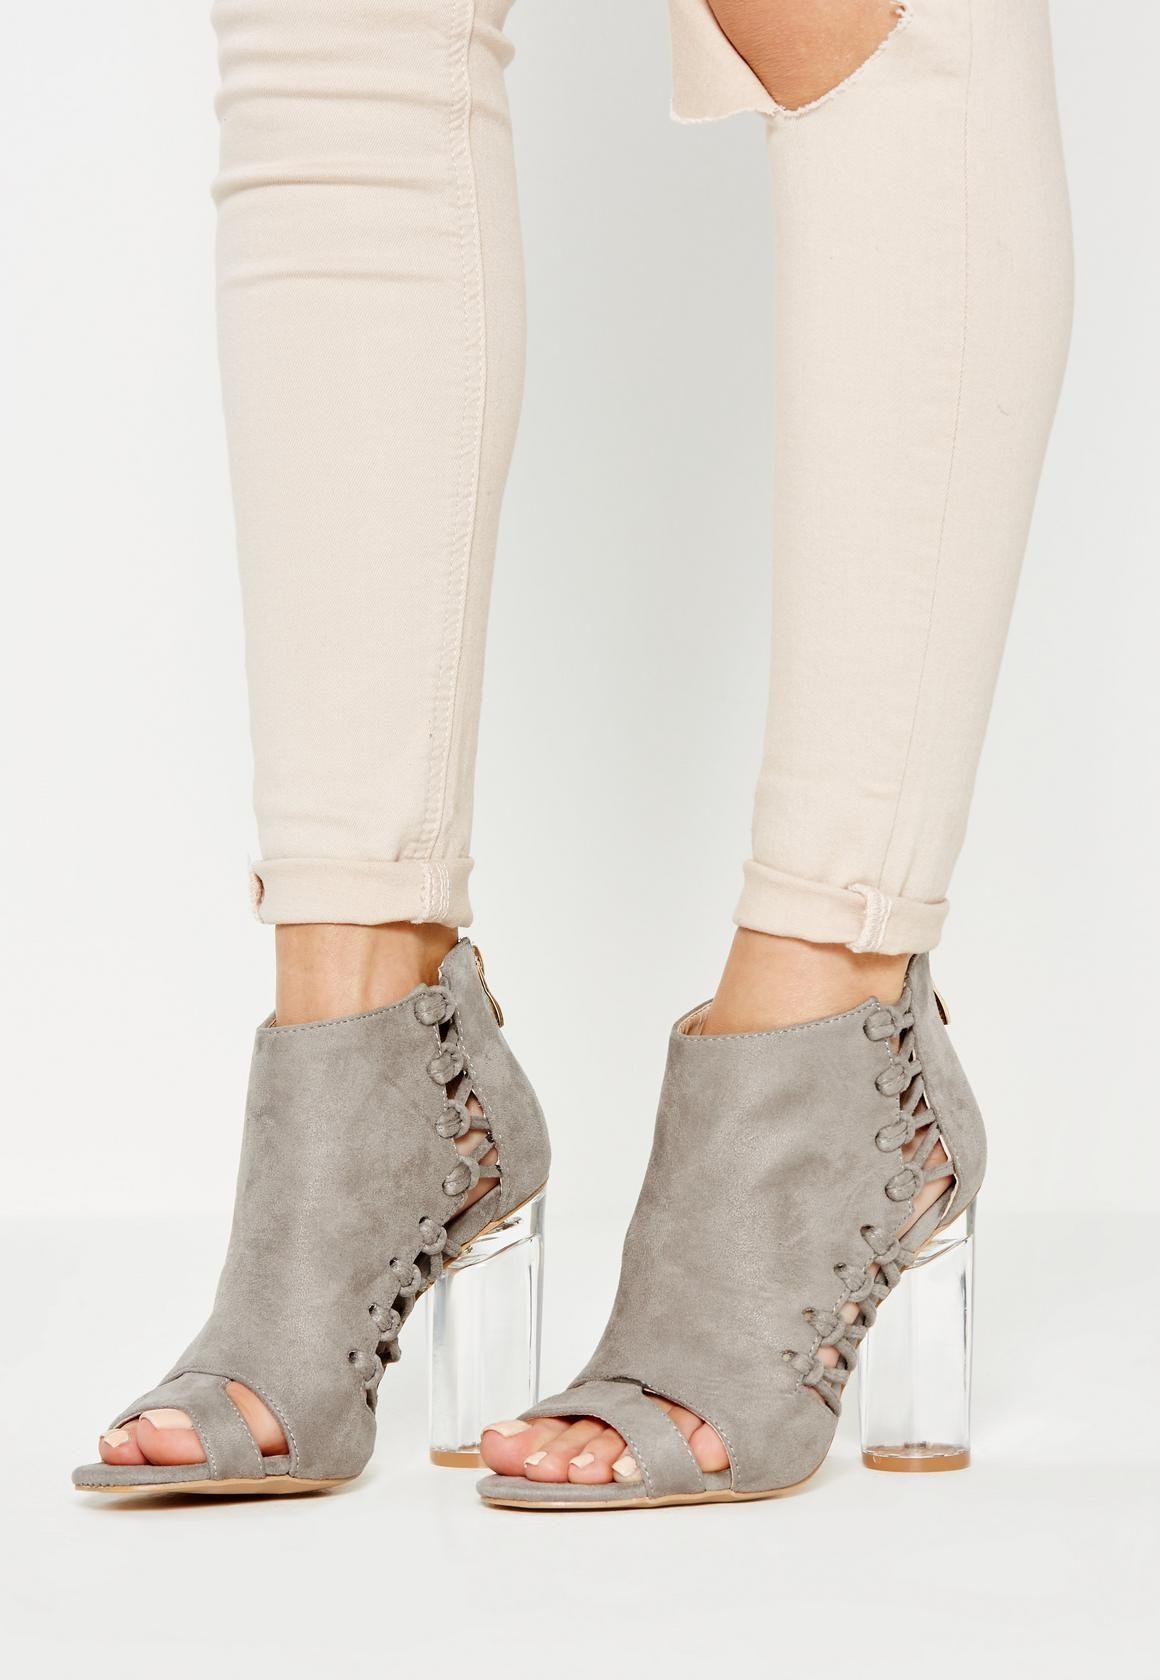 missguided - bottines grises avec découpes et talon transparent